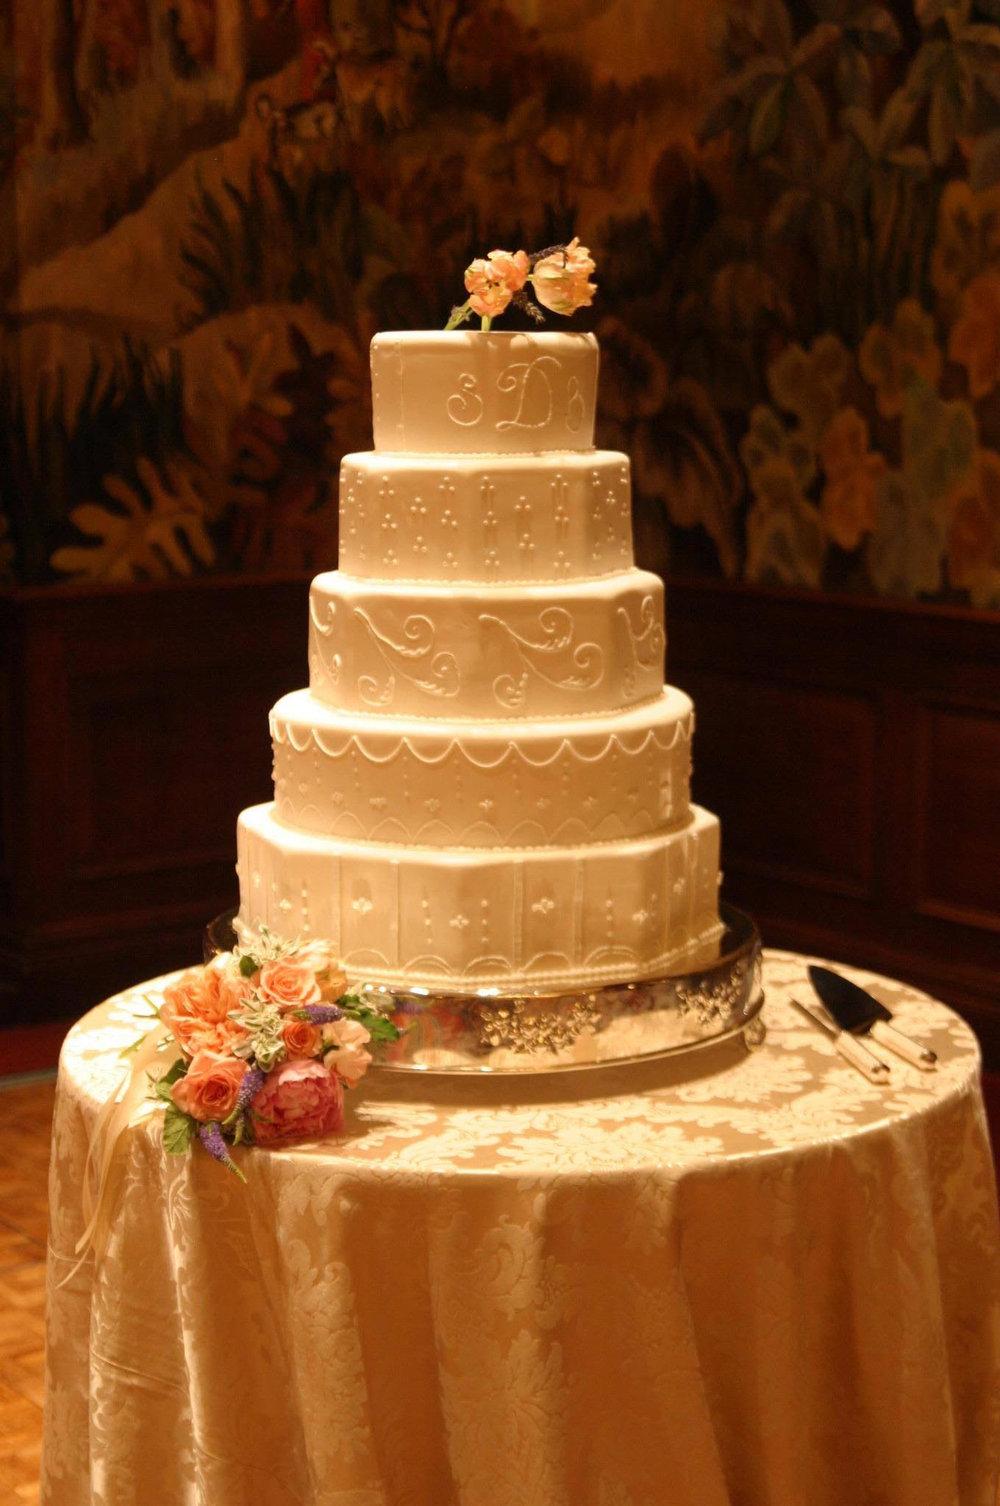 pa-wedding-cakes-59.jpg